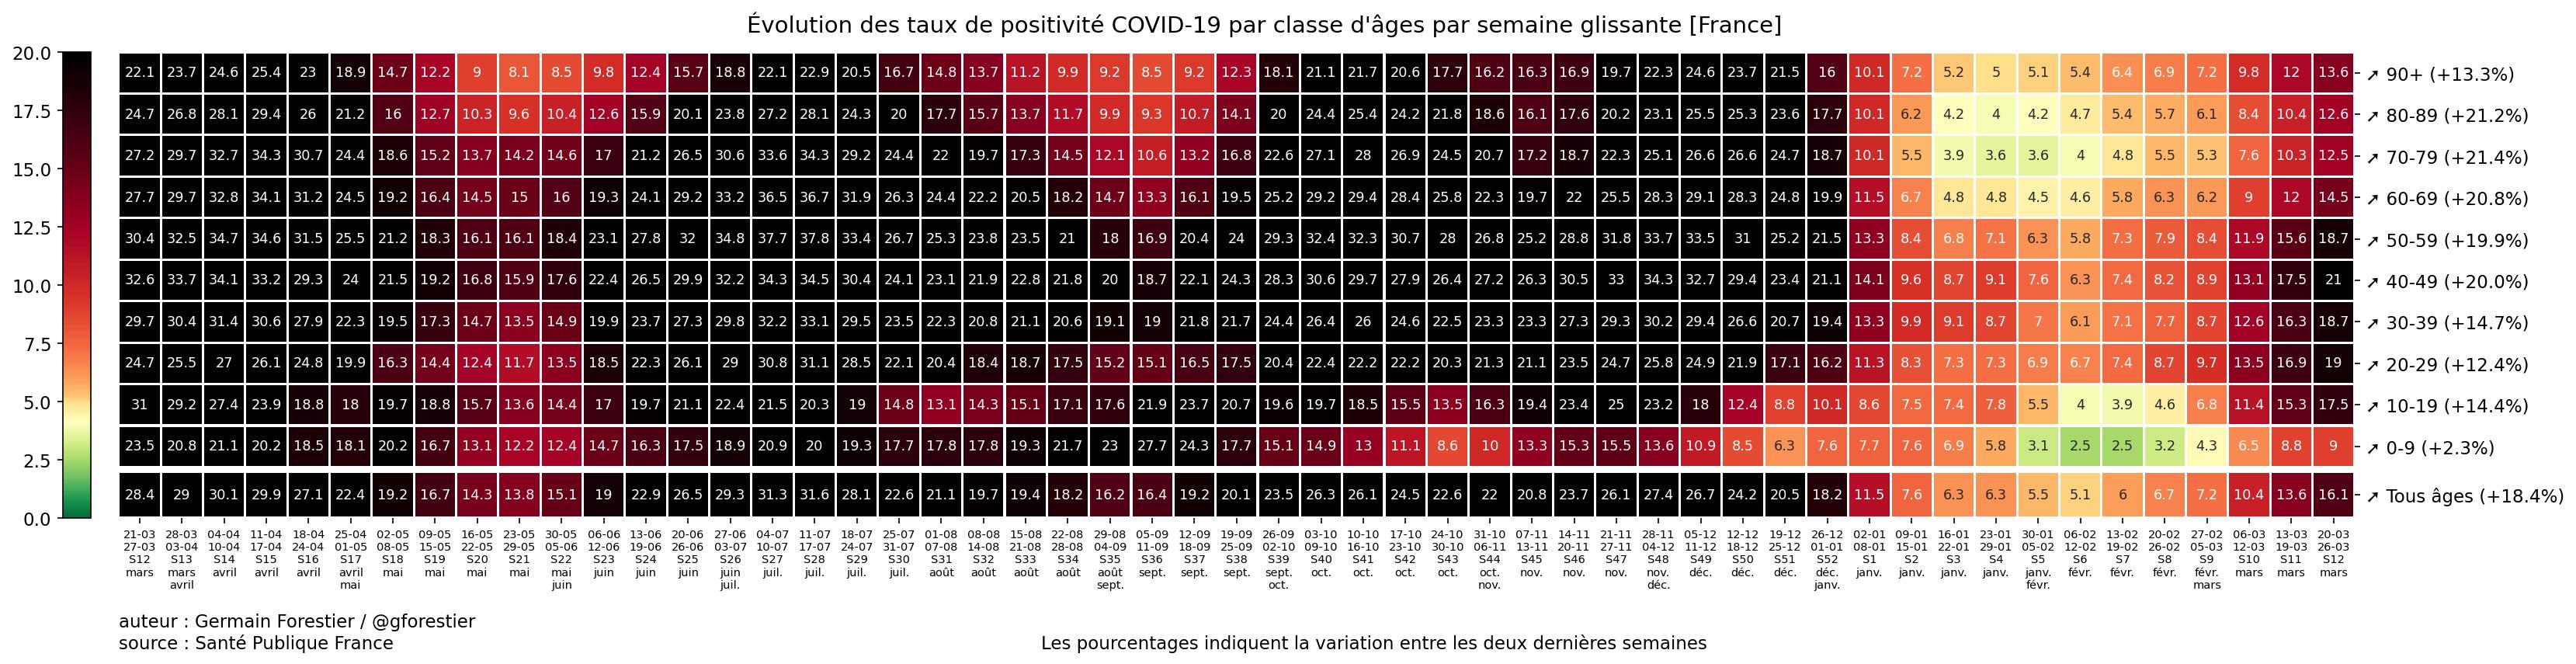 Le coronavirus COVID-19 - Infos, évolution et conséquences France-heatmap-pos-semaine